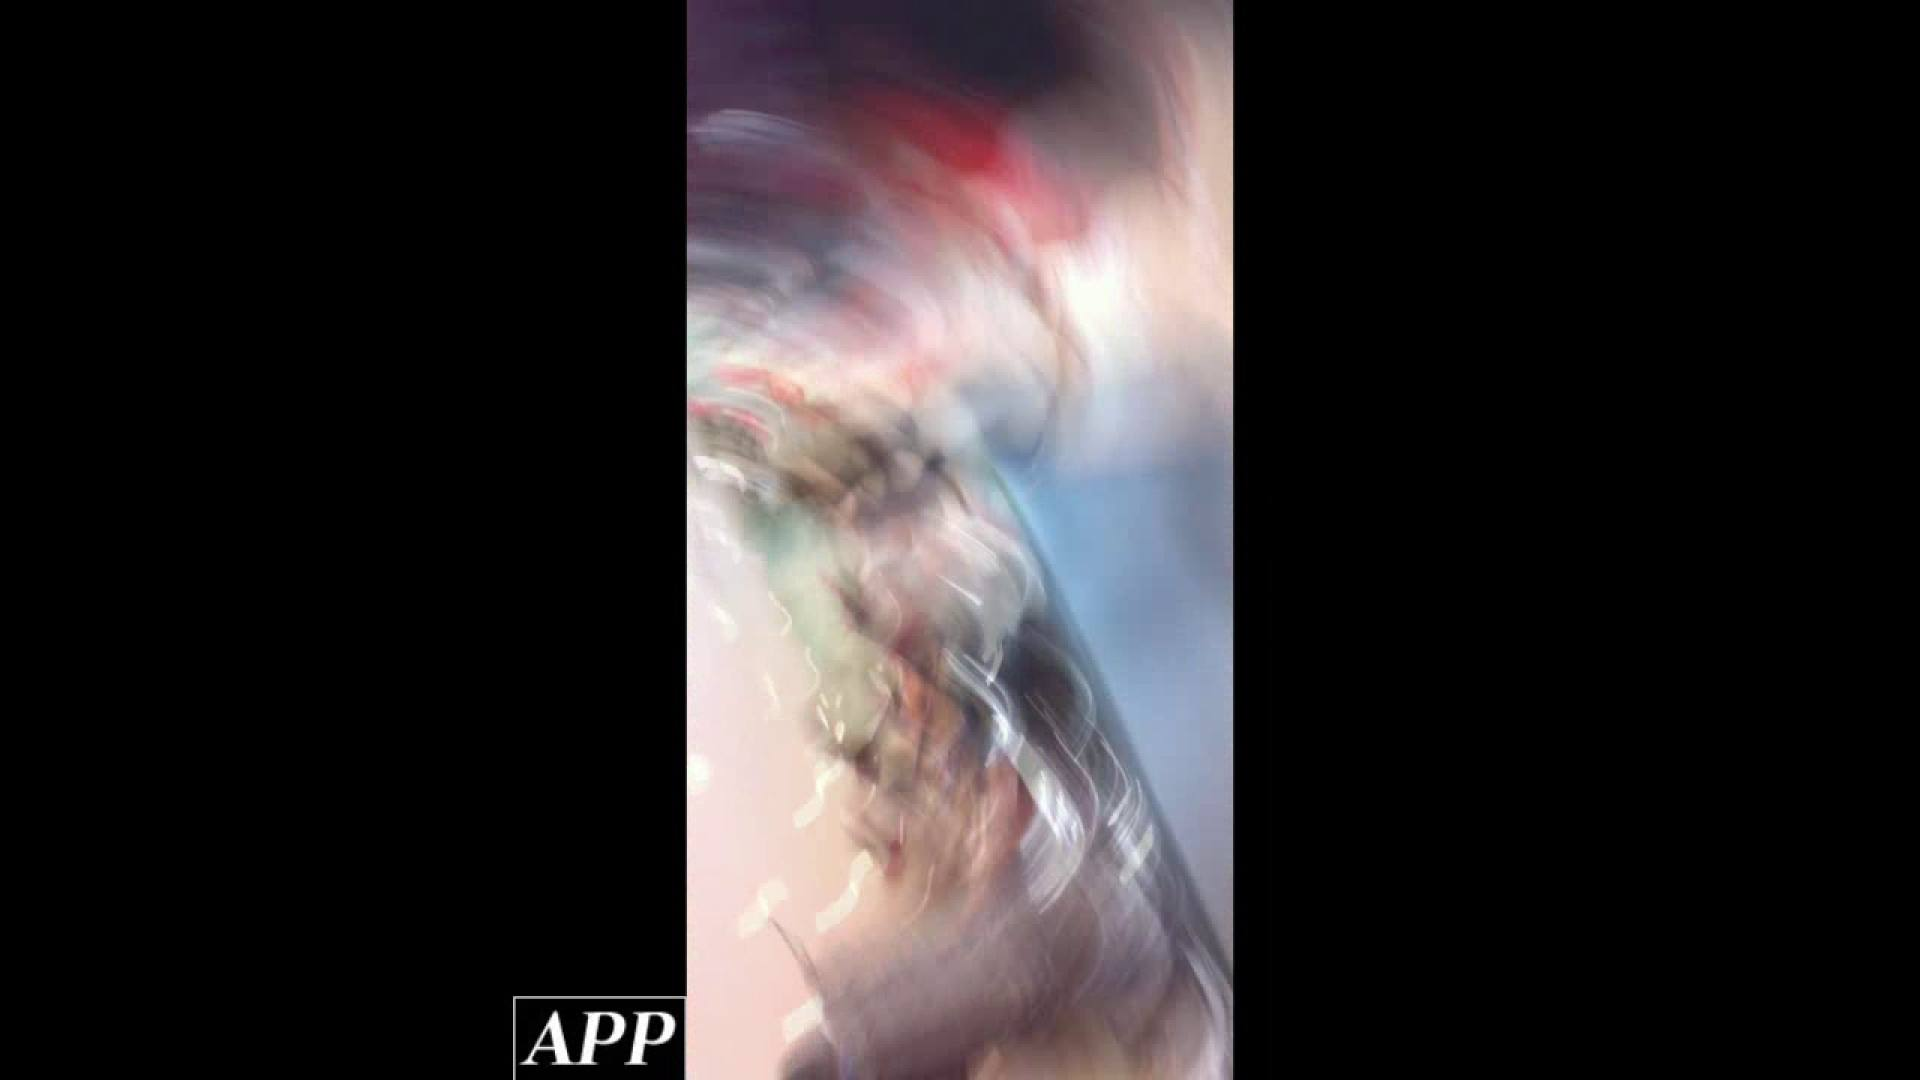 ハイビジョン盗撮!ショップ店員千人斬り!胸チラ編 vol.94 チクビ 盗み撮り動画キャプチャ 109PICs 35